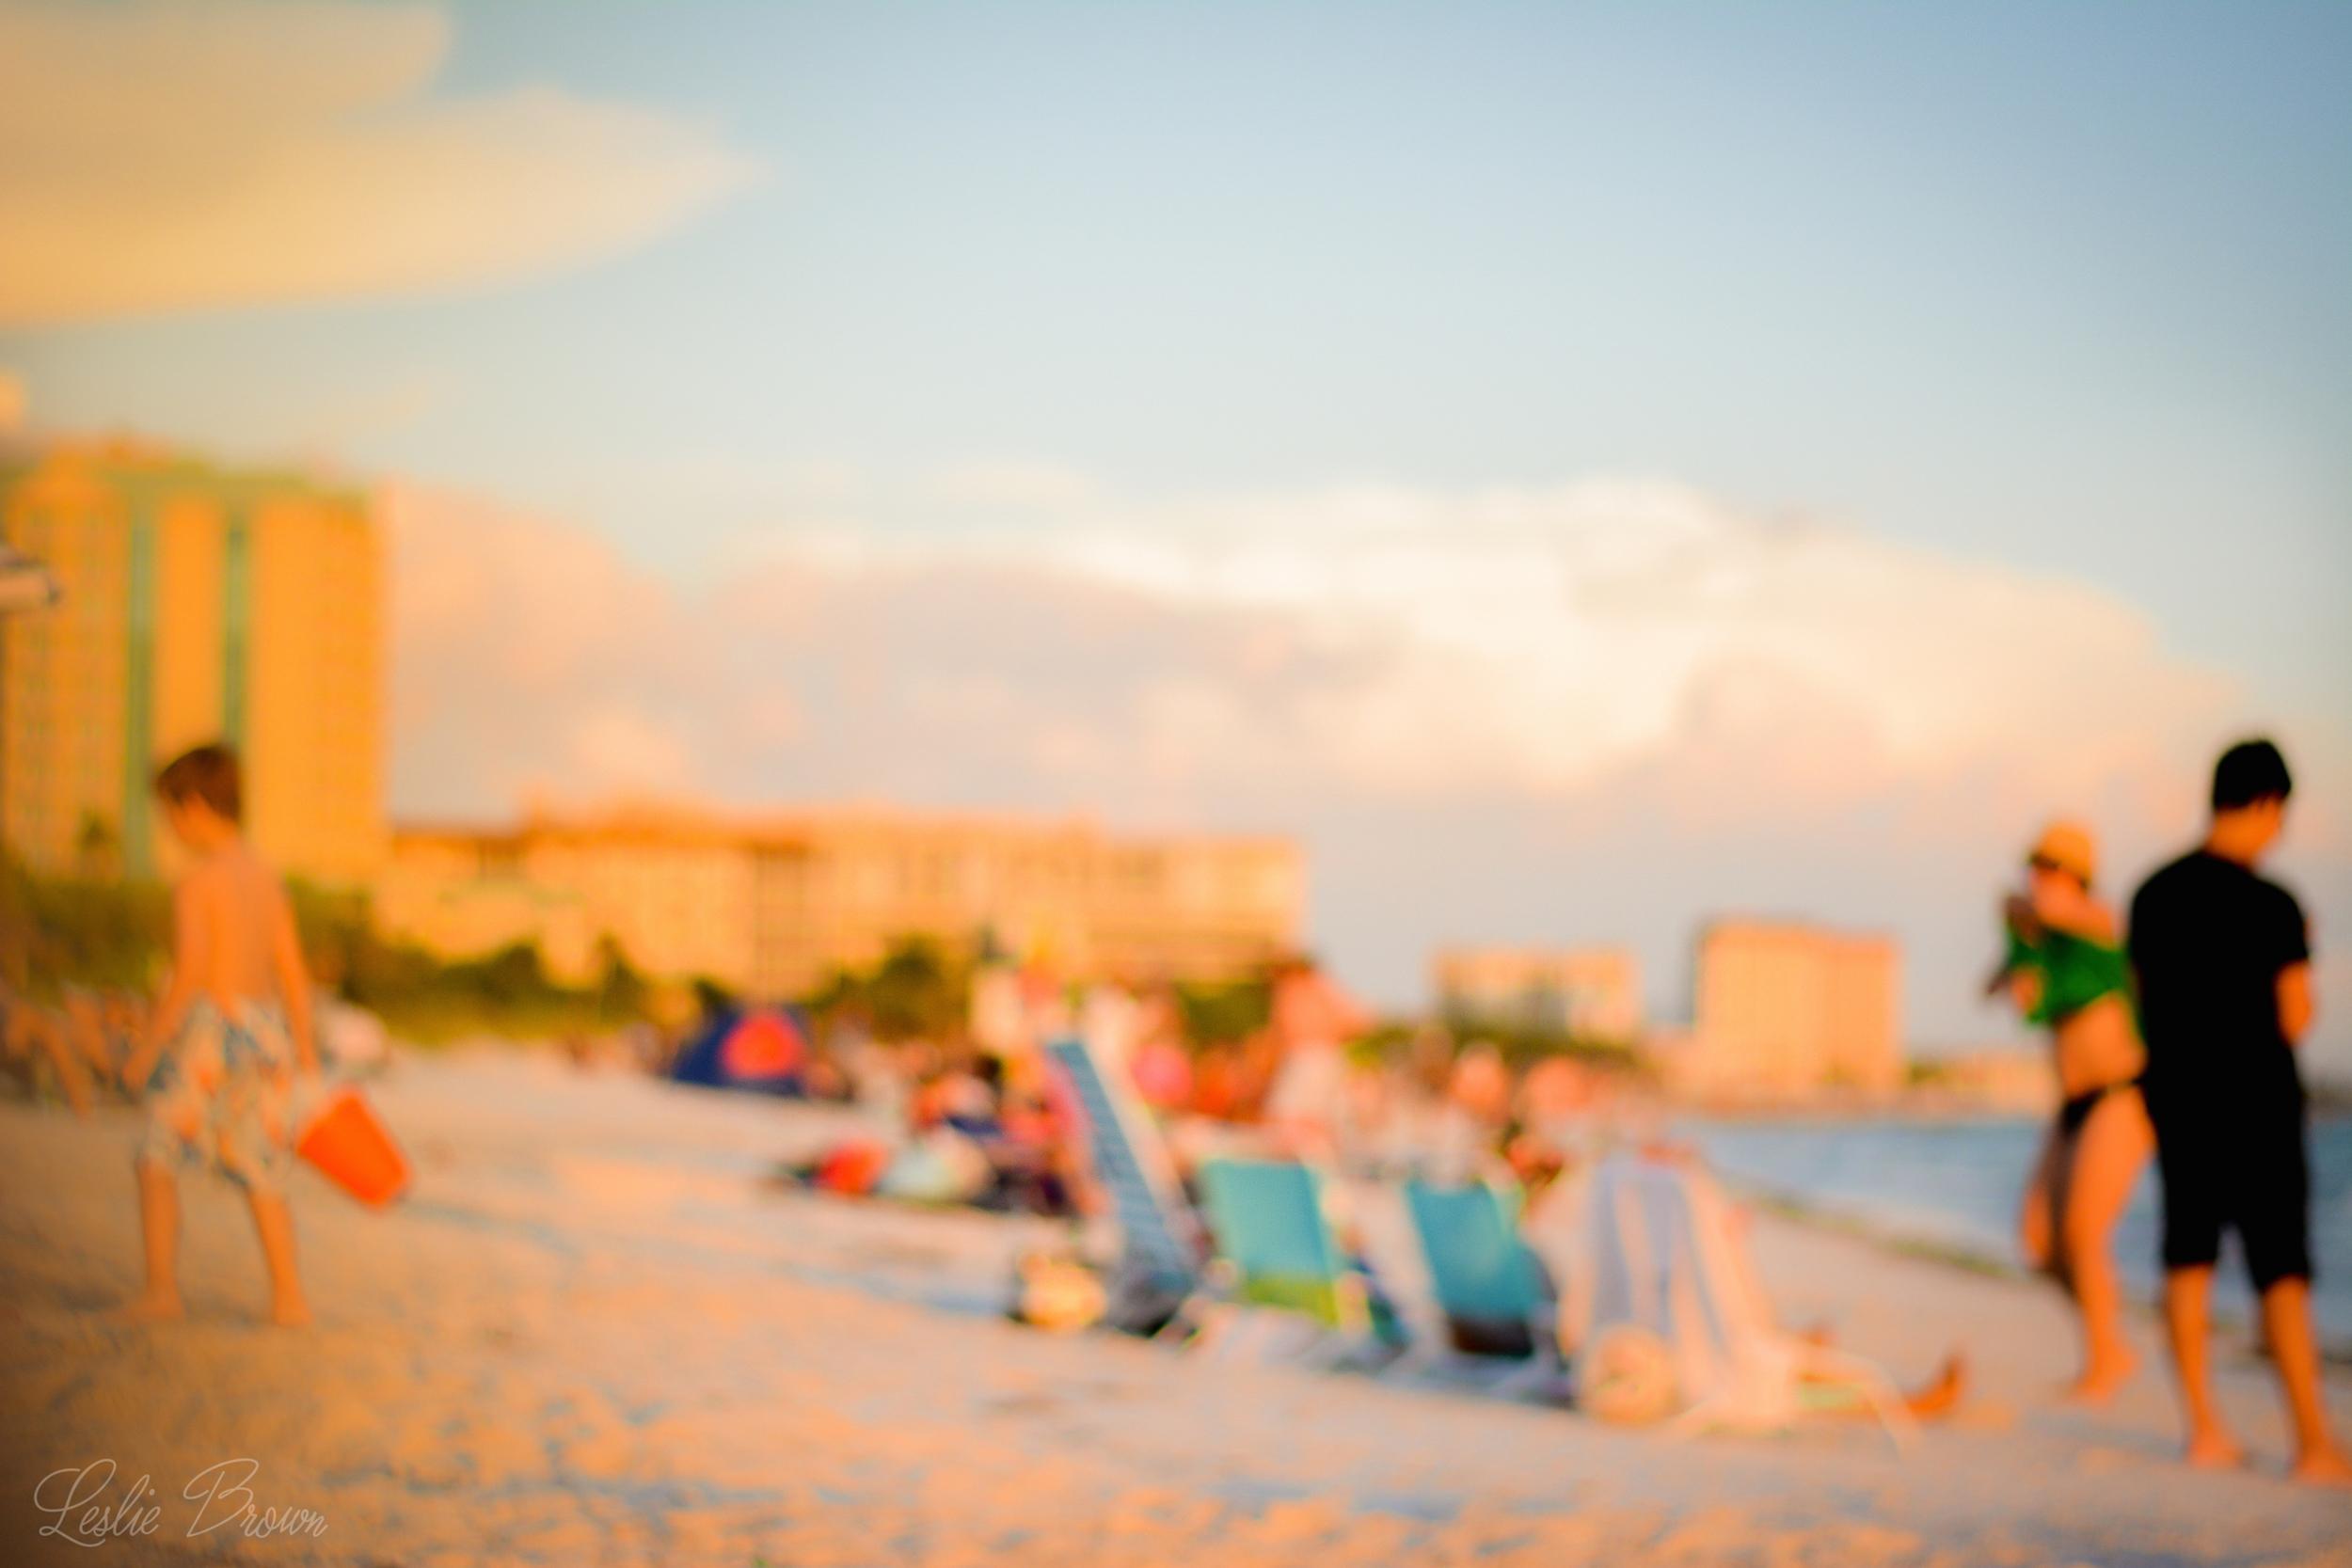 Beach gazing - Leslie Brown